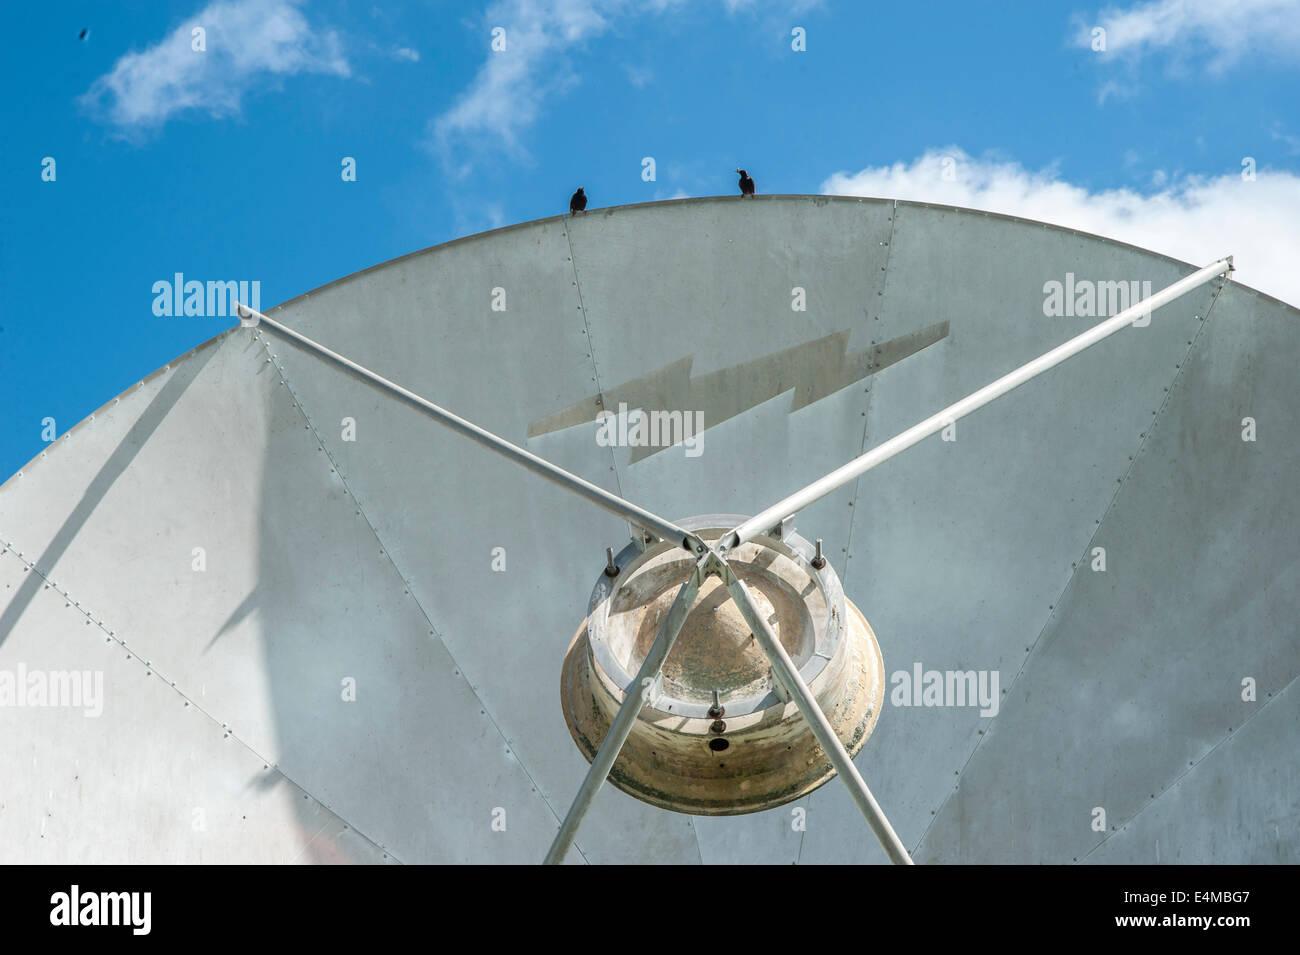 Gli uccelli in cima al ricevitore satellitare piatto Immagini Stock